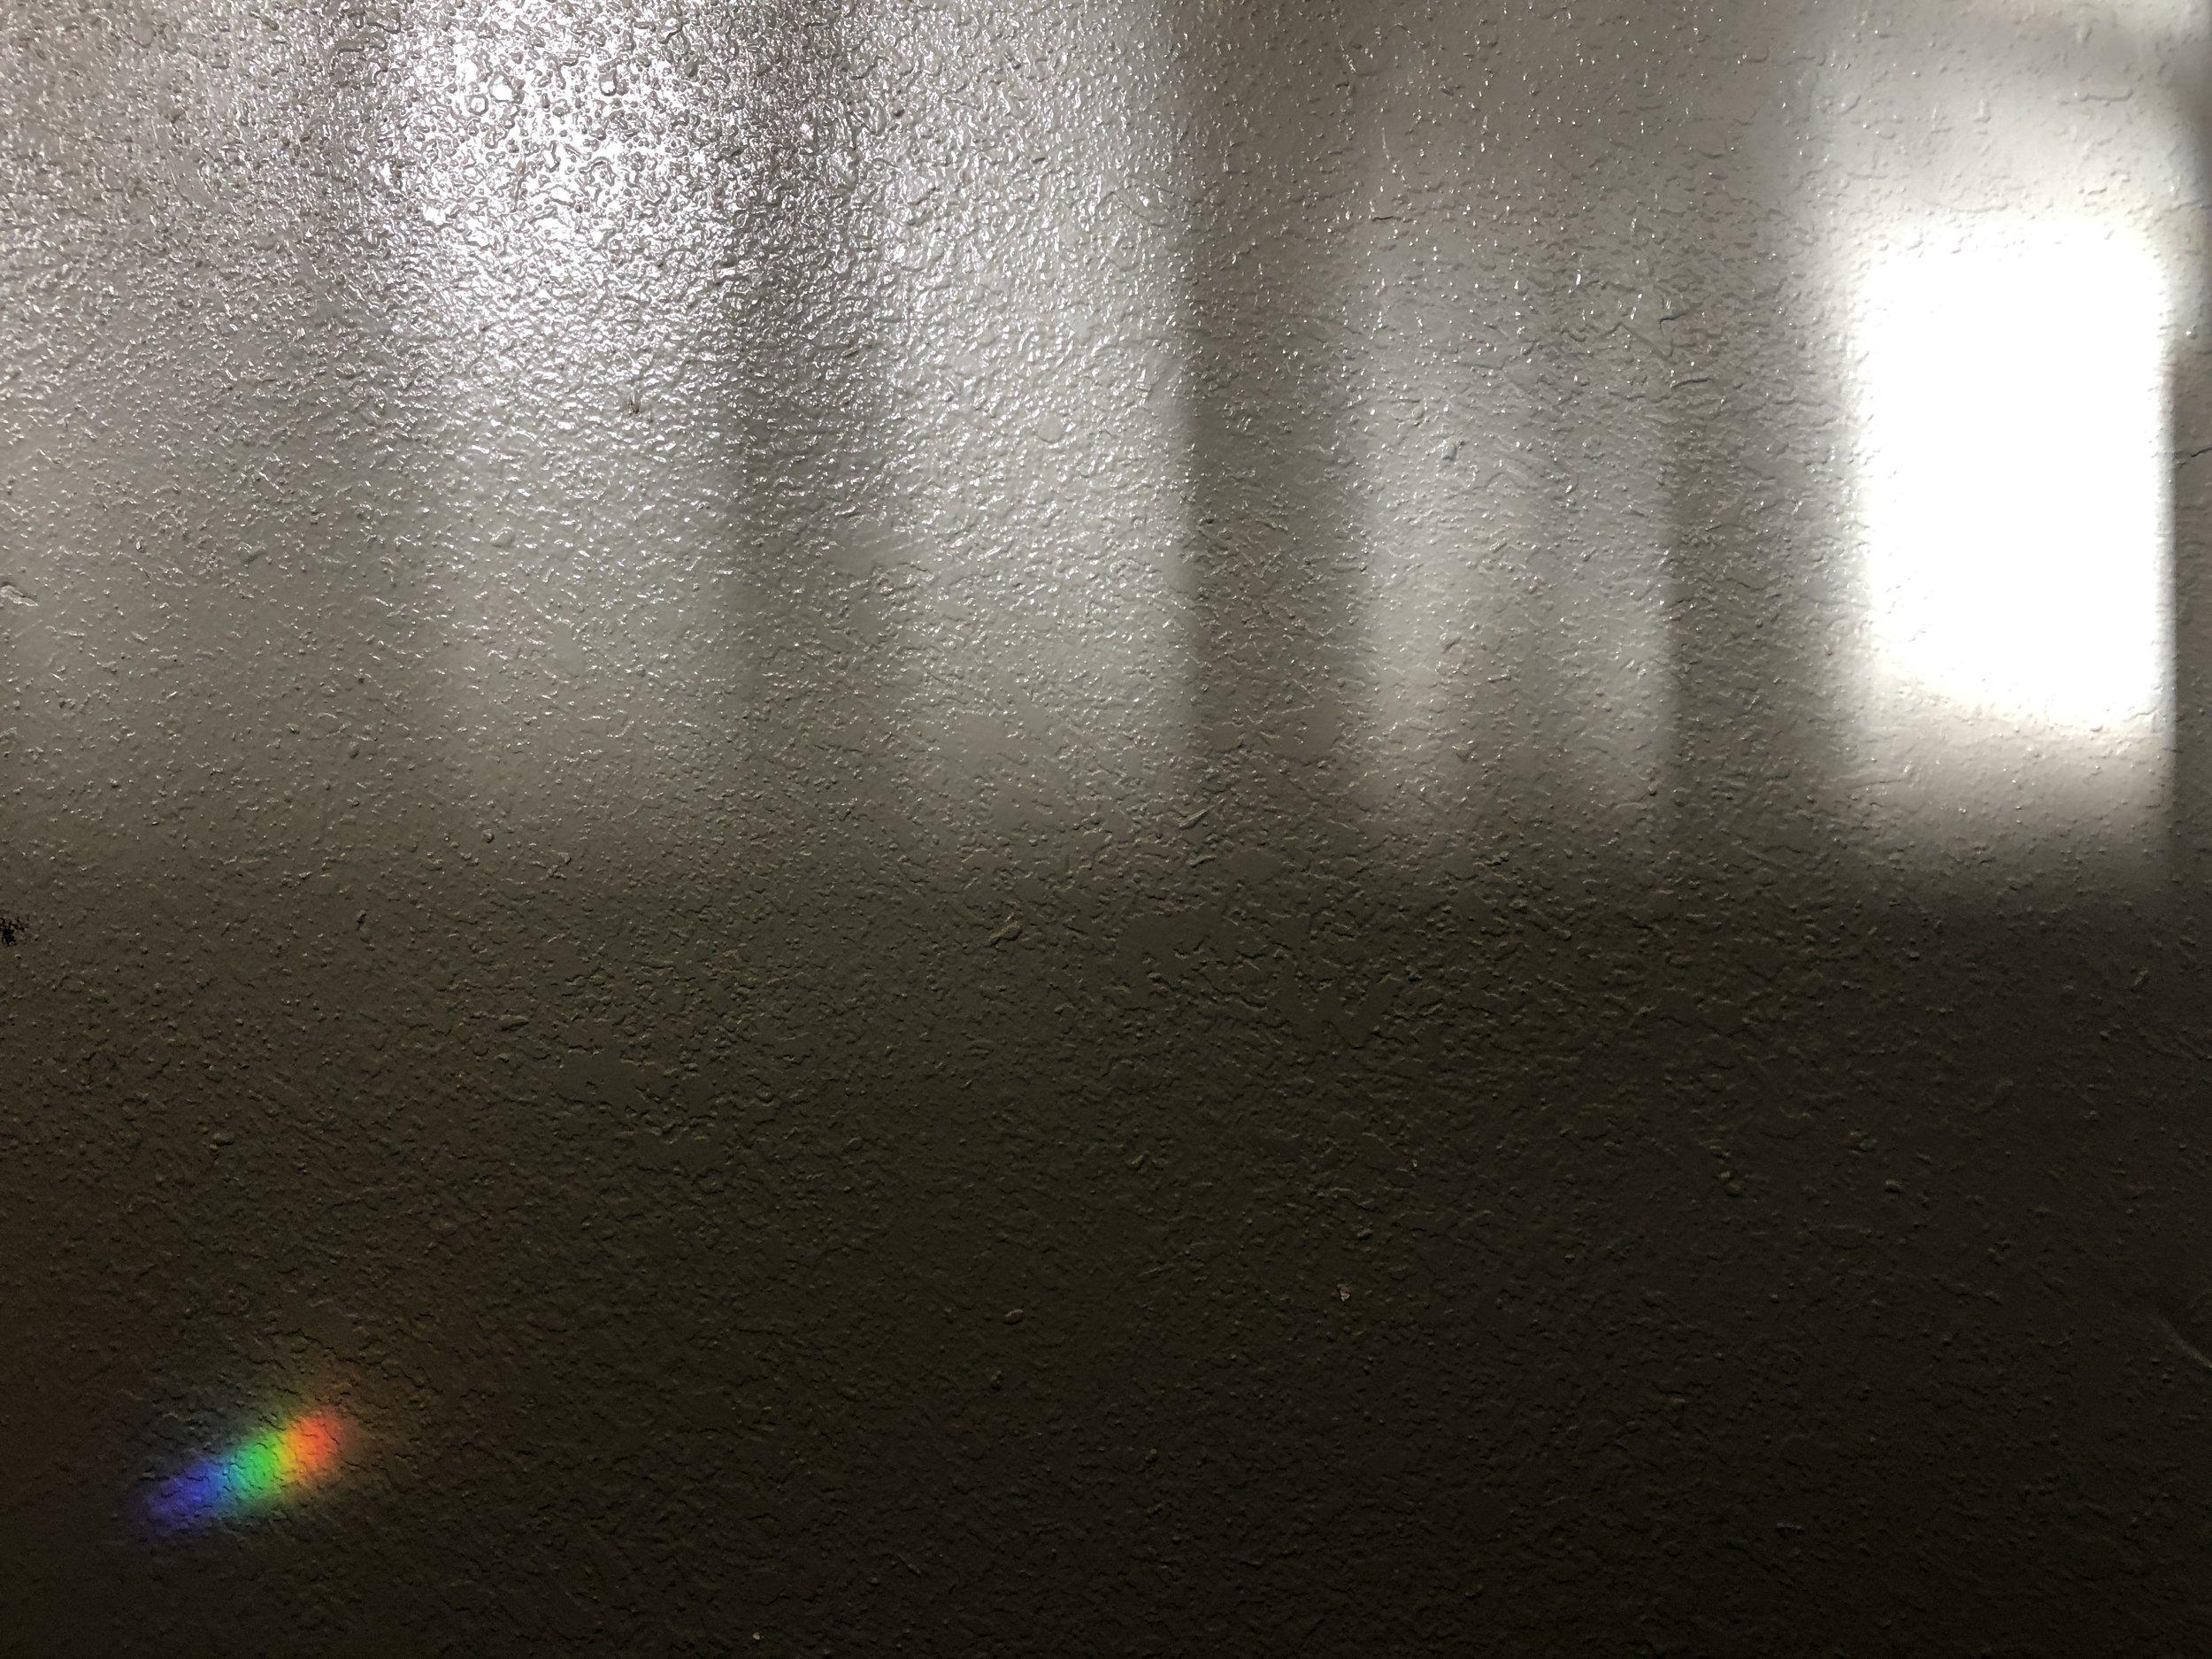 a rainbow on the wall.